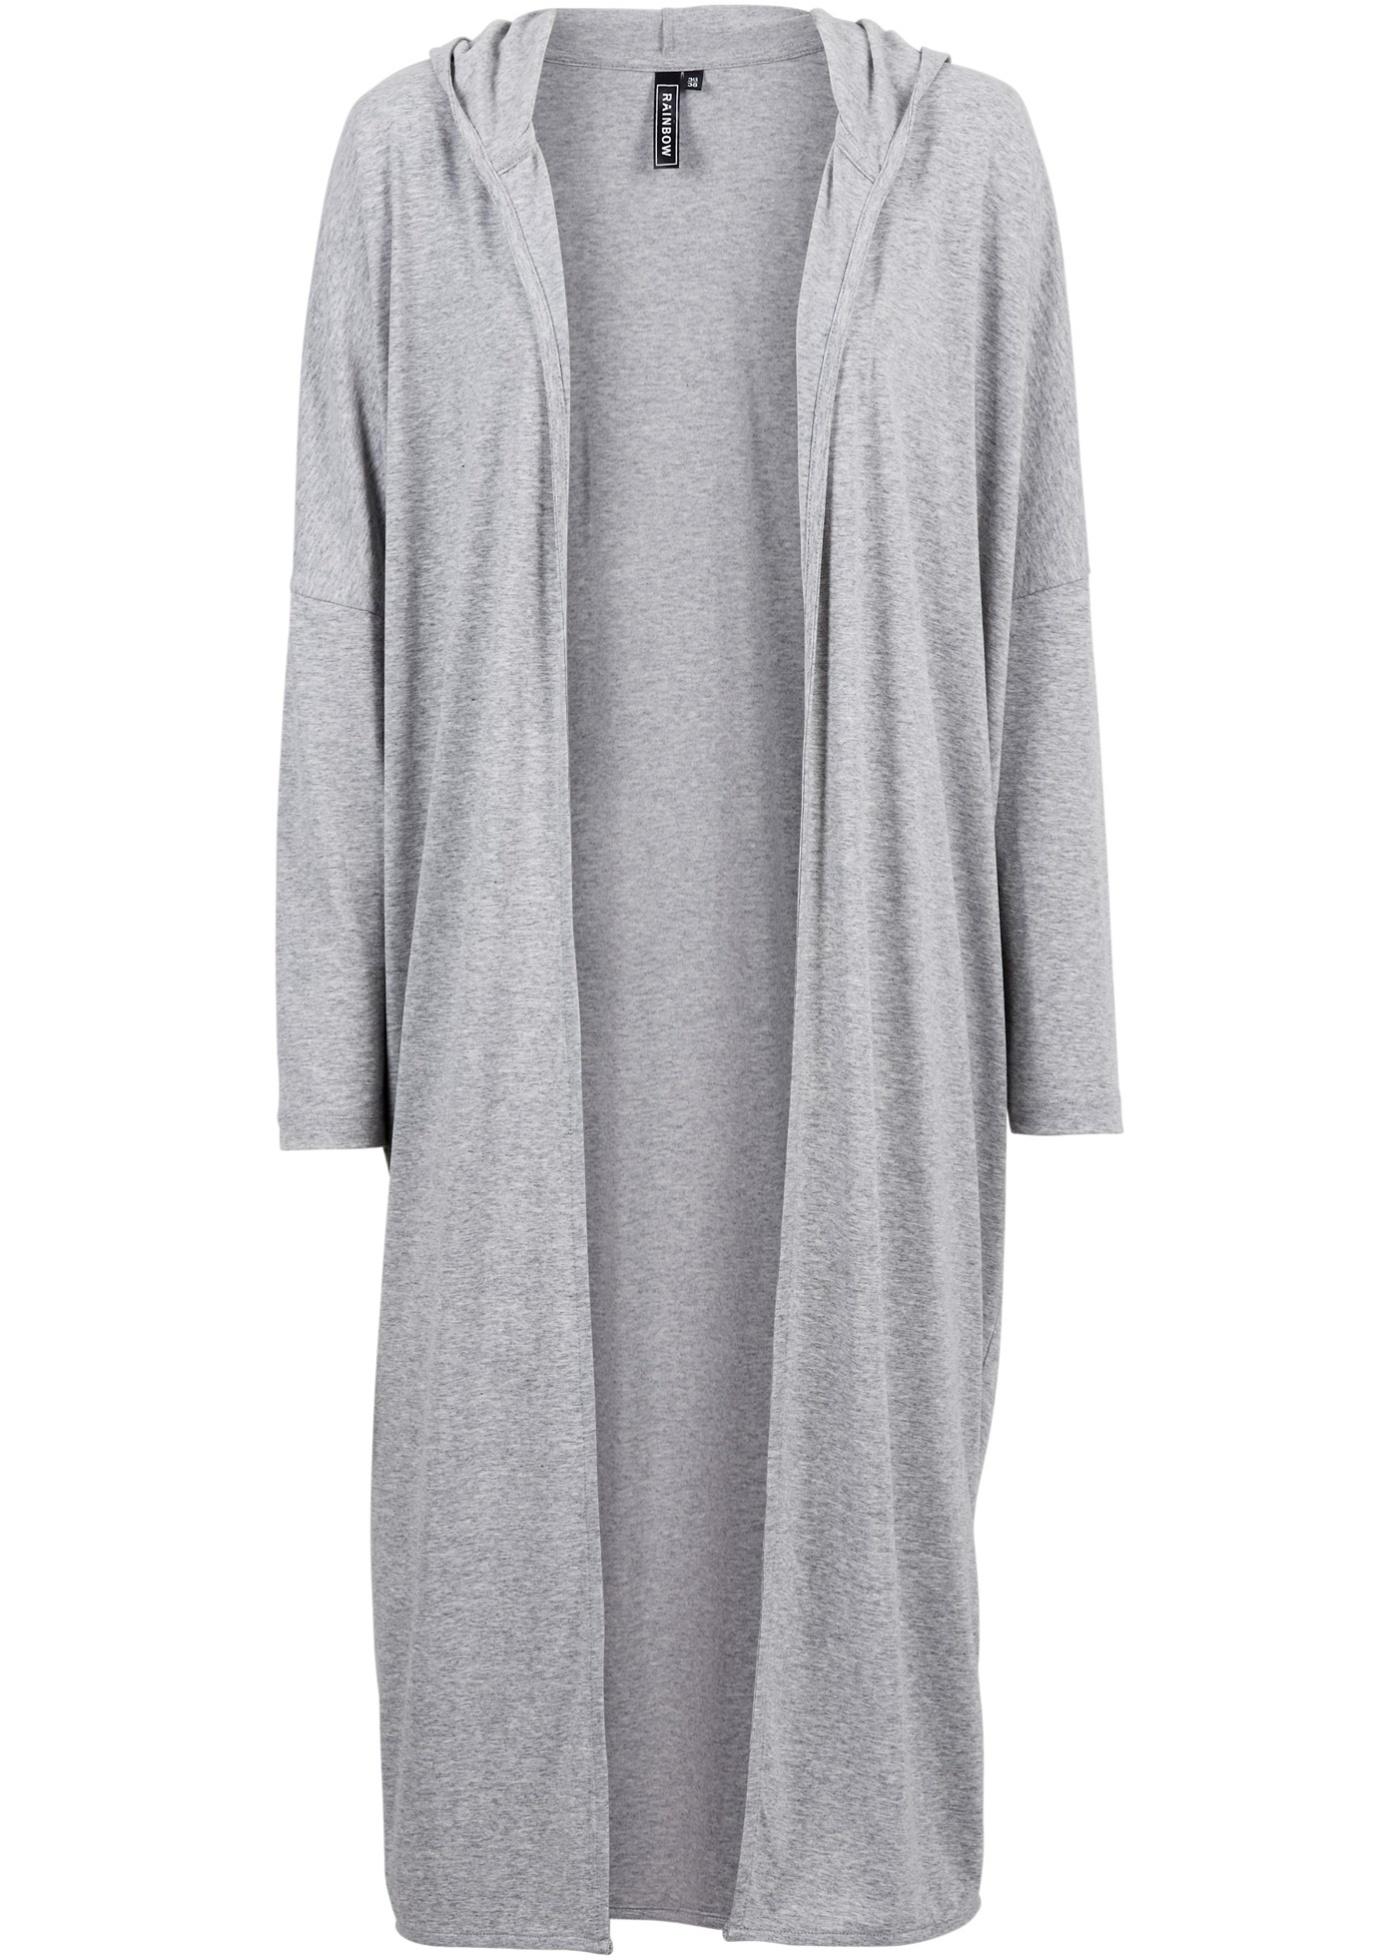 Cardigan long gris manches longues femme - bonprix